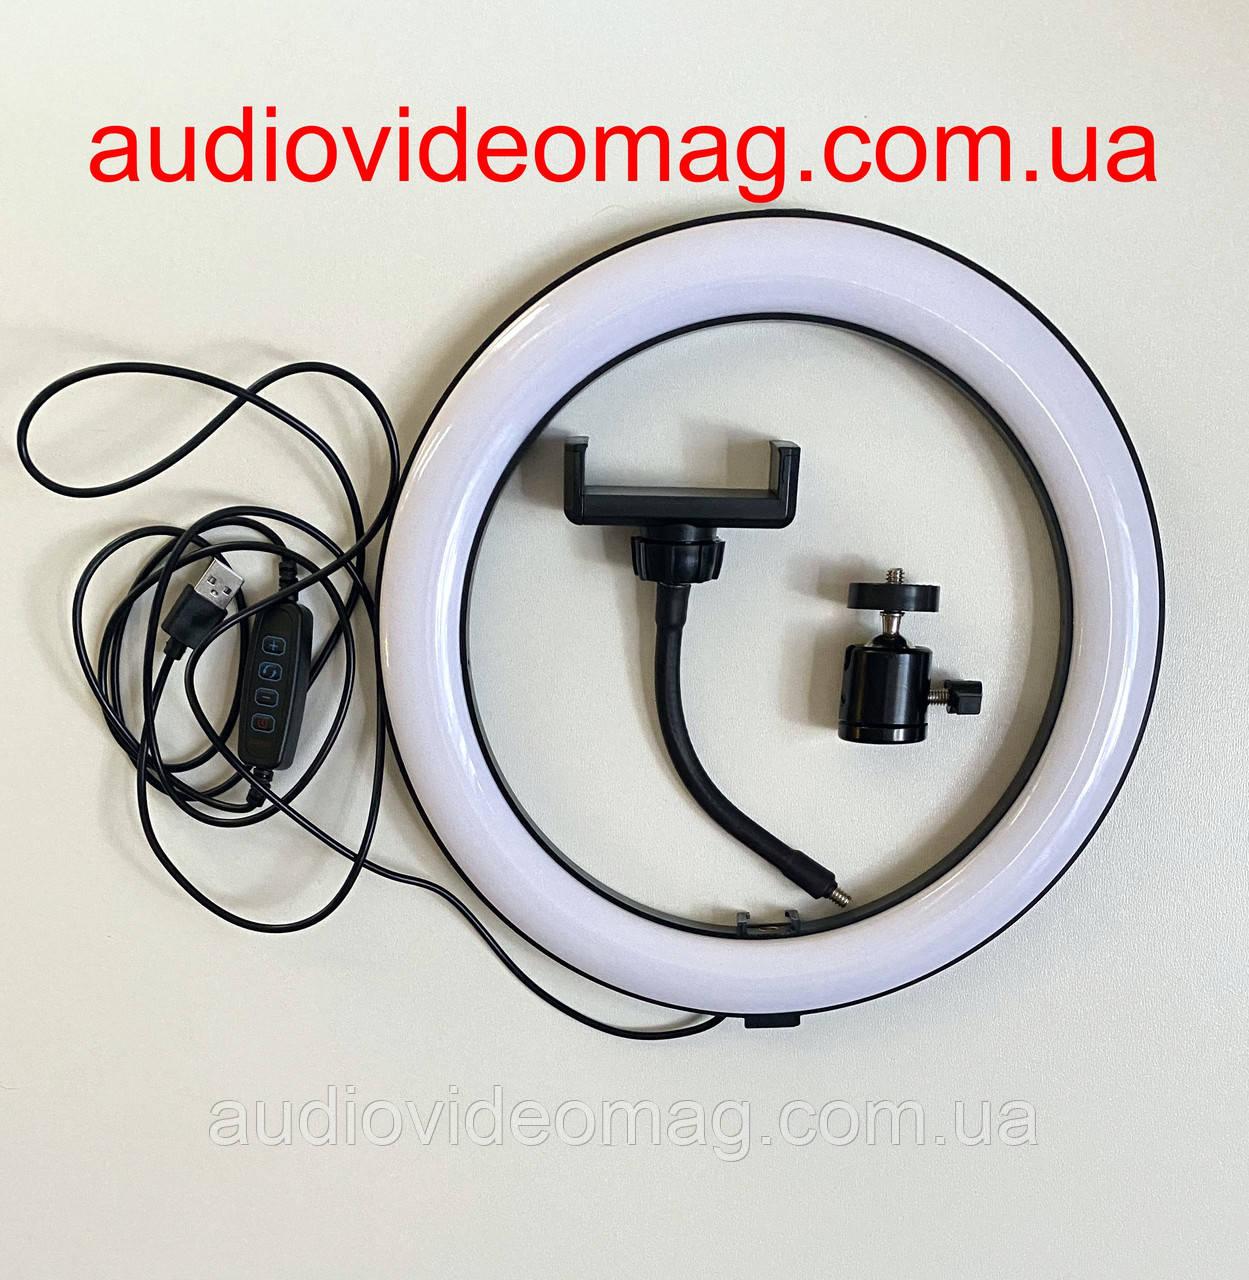 Кольцевая лампа Ø 25 см.(3 режима свечения) для штатива